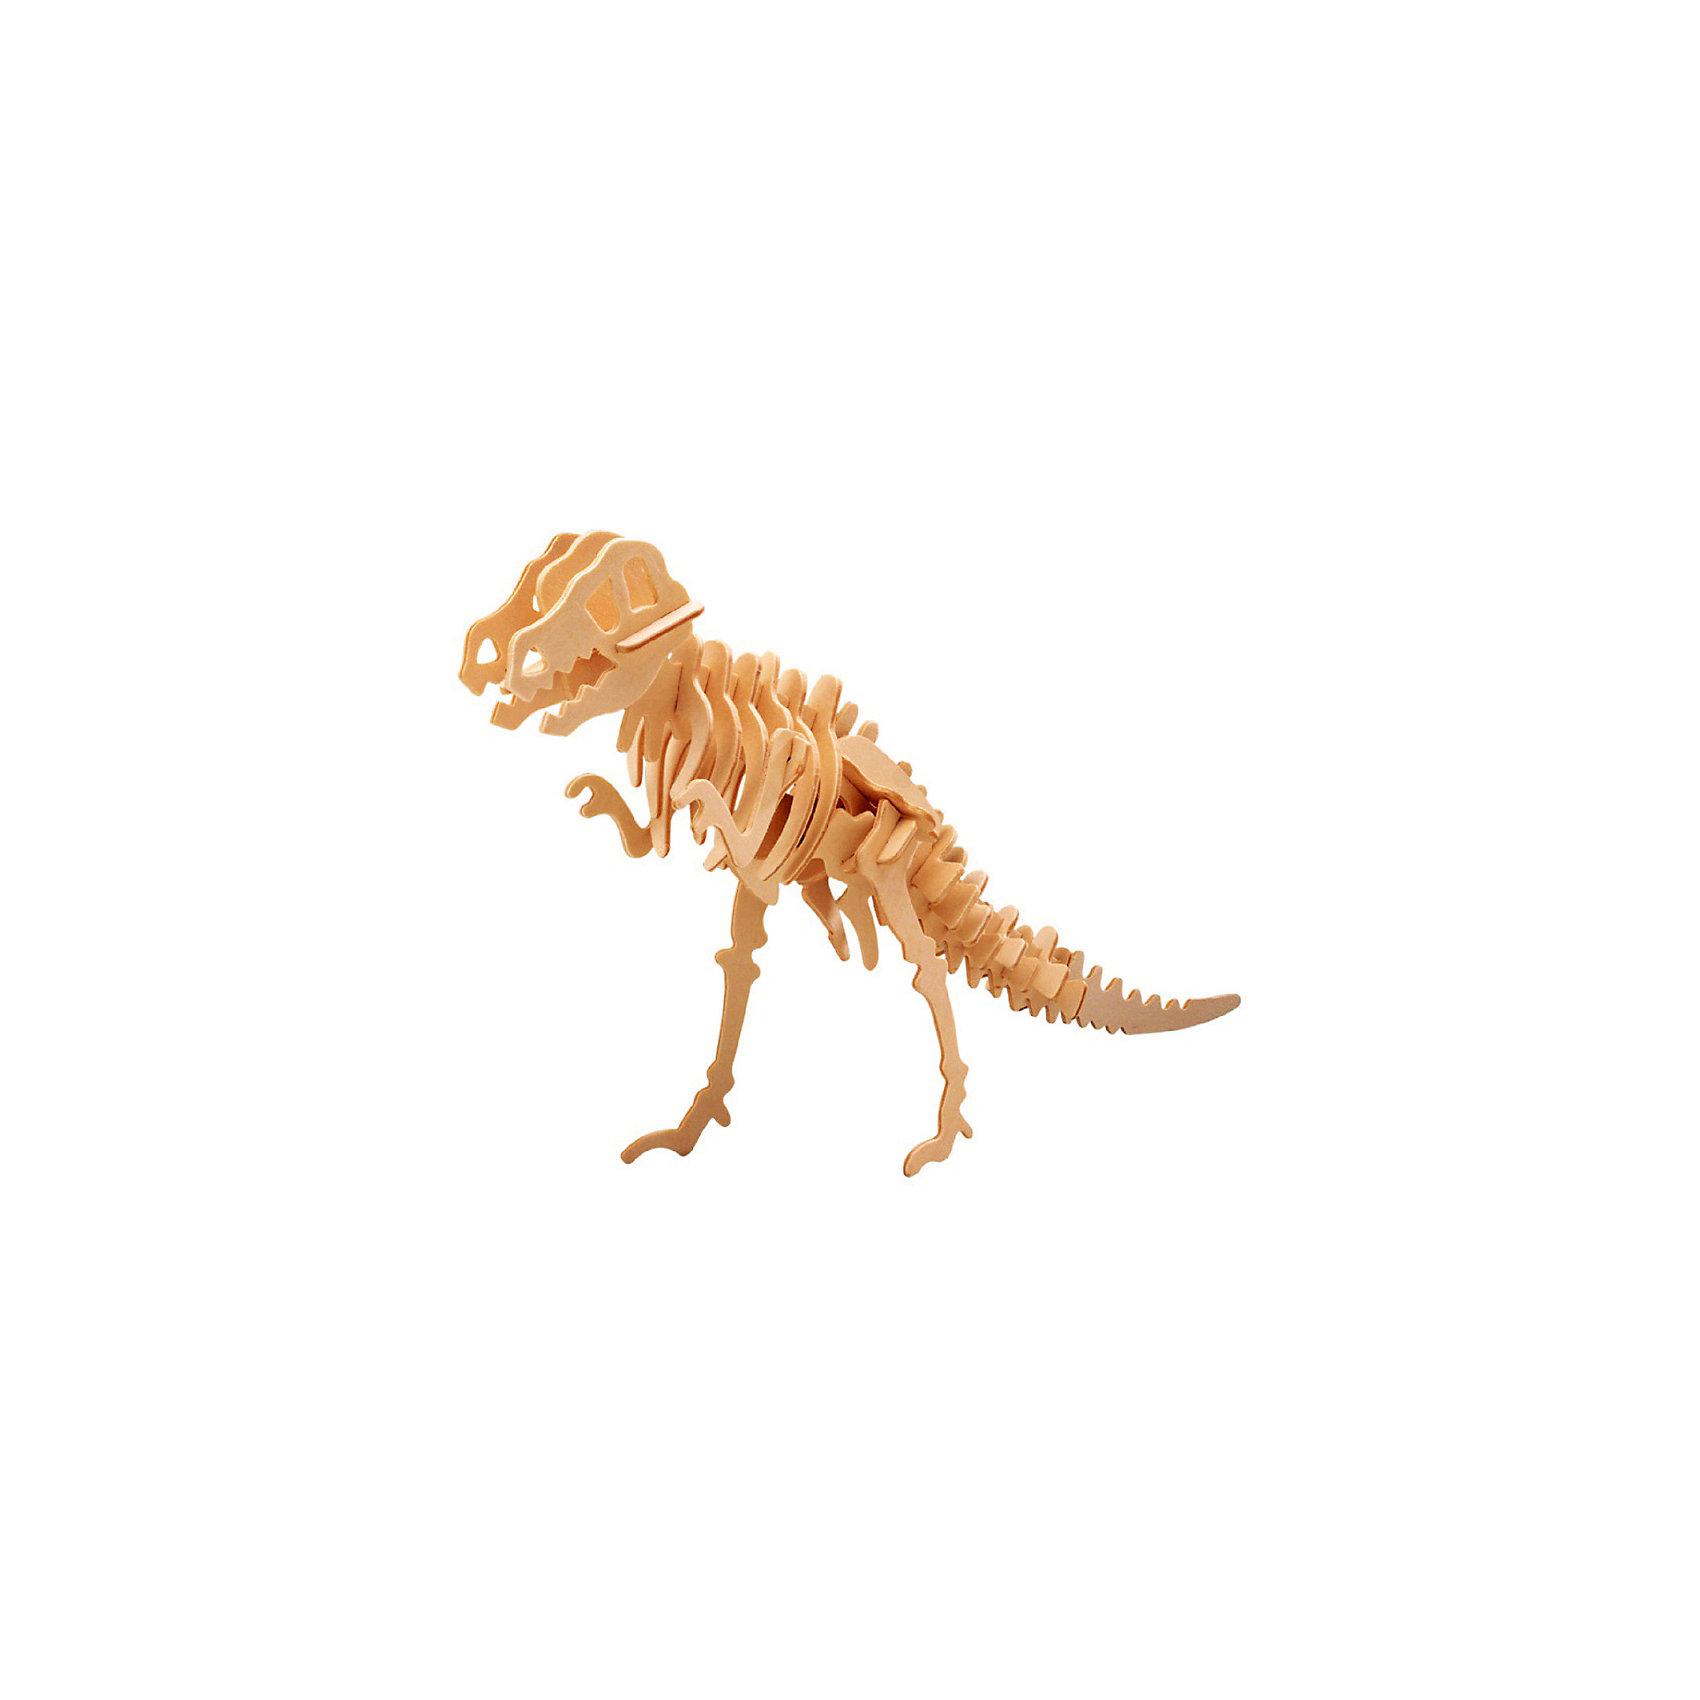 Тиранозавр (мал. серия Ж), Мир деревянных игрушекБренд Мир деревянных игрушек дает ребенку возможность самому сделать красивую деревянную фигуру! Специально для любящих творчество и интересующихся вымершими животными были разработаны эти 3D-пазлы. Из них получаются красивые очень реалистичные фигуры, которые могут стать украшением комнаты.<br>Собирая их, ребенок будет учиться соотносить фигуры, развивать пространственное мышление, память и мелкую моторику. А раскрашивая готовое произведение, дети научатся подбирать цвета и будут развивать художественные навыки. Этот набор произведен из качественных и безопасных для детей материалов - дерево тщательно обработано.<br><br>Дополнительная информация:<br><br>материал: дерево;<br>цвет: бежевый;<br>элементы: пластины с деталями для сборки;<br>размер упаковки: 23 х 18 см.<br><br>3D-пазл Тиранозавр (мал. серия Ж) от бренда Мир деревянных игрушек можно купить в нашем магазине.<br><br>Ширина мм: 225<br>Глубина мм: 30<br>Высота мм: 180<br>Вес г: 350<br>Возраст от месяцев: 36<br>Возраст до месяцев: 144<br>Пол: Унисекс<br>Возраст: Детский<br>SKU: 4969046